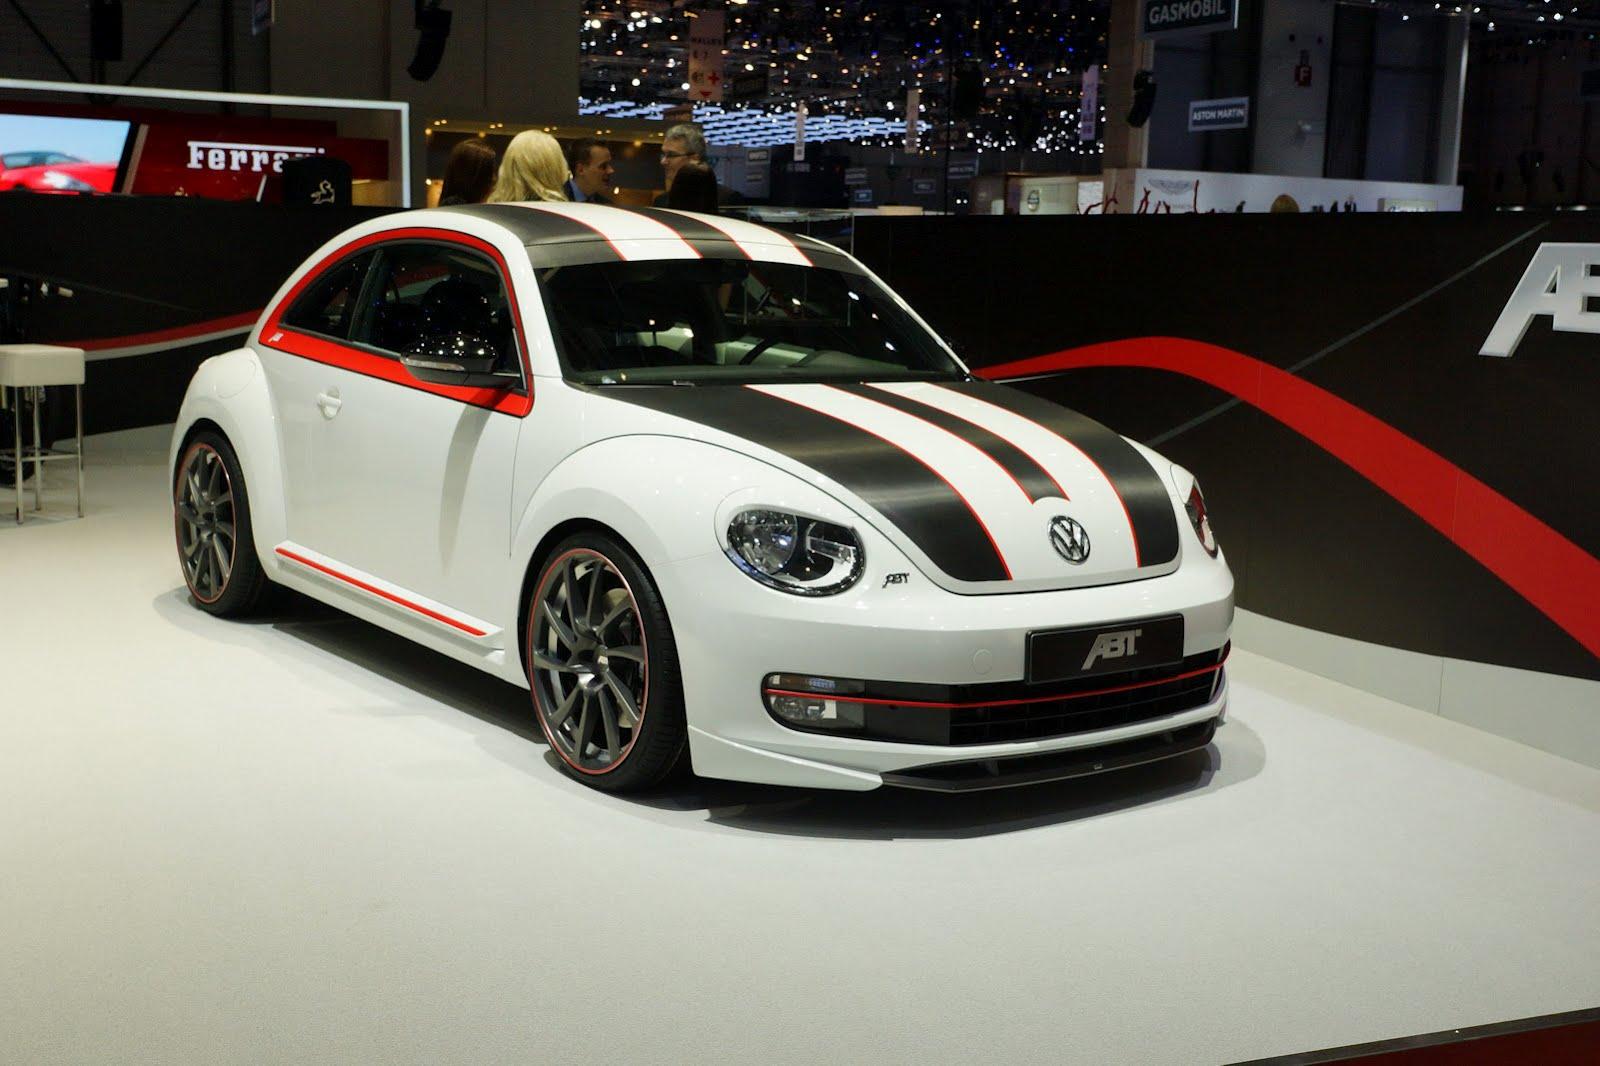 VW Beetle by ABT Sportsline